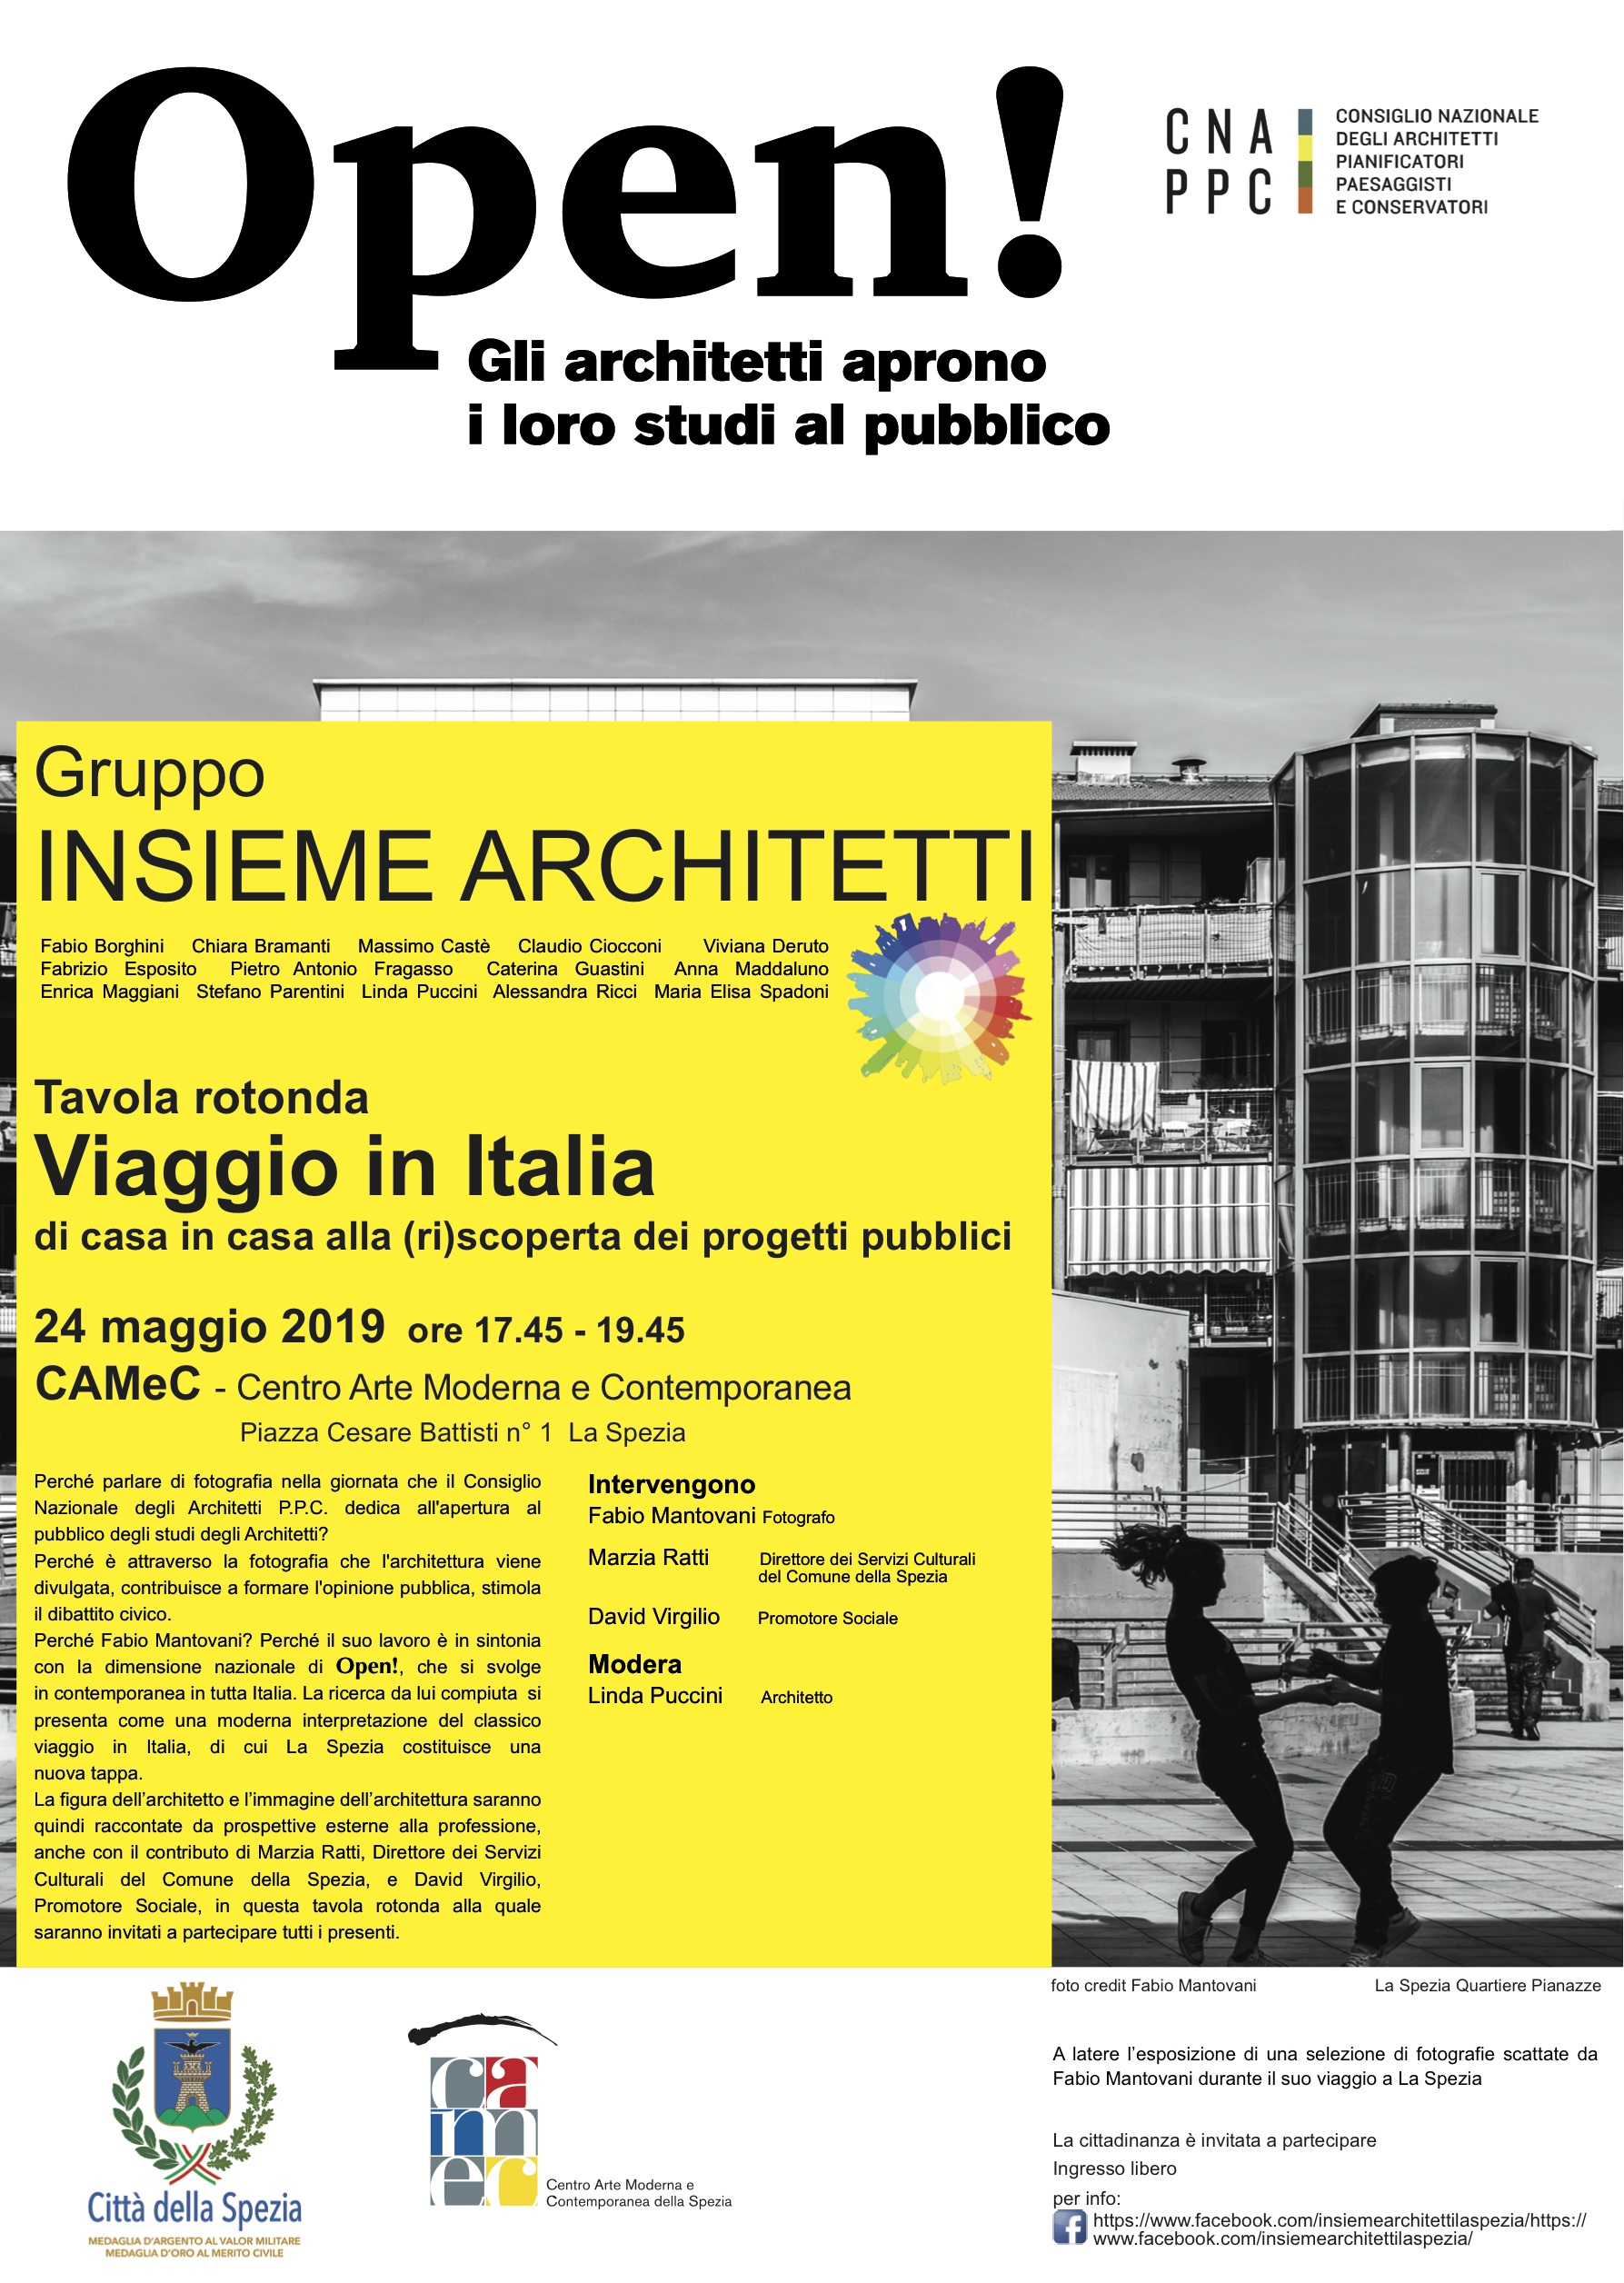 Locandina Tavola rotonda VIAGGIO IN ITALIA di casa in casa alla (ri)scoperta dei progetti